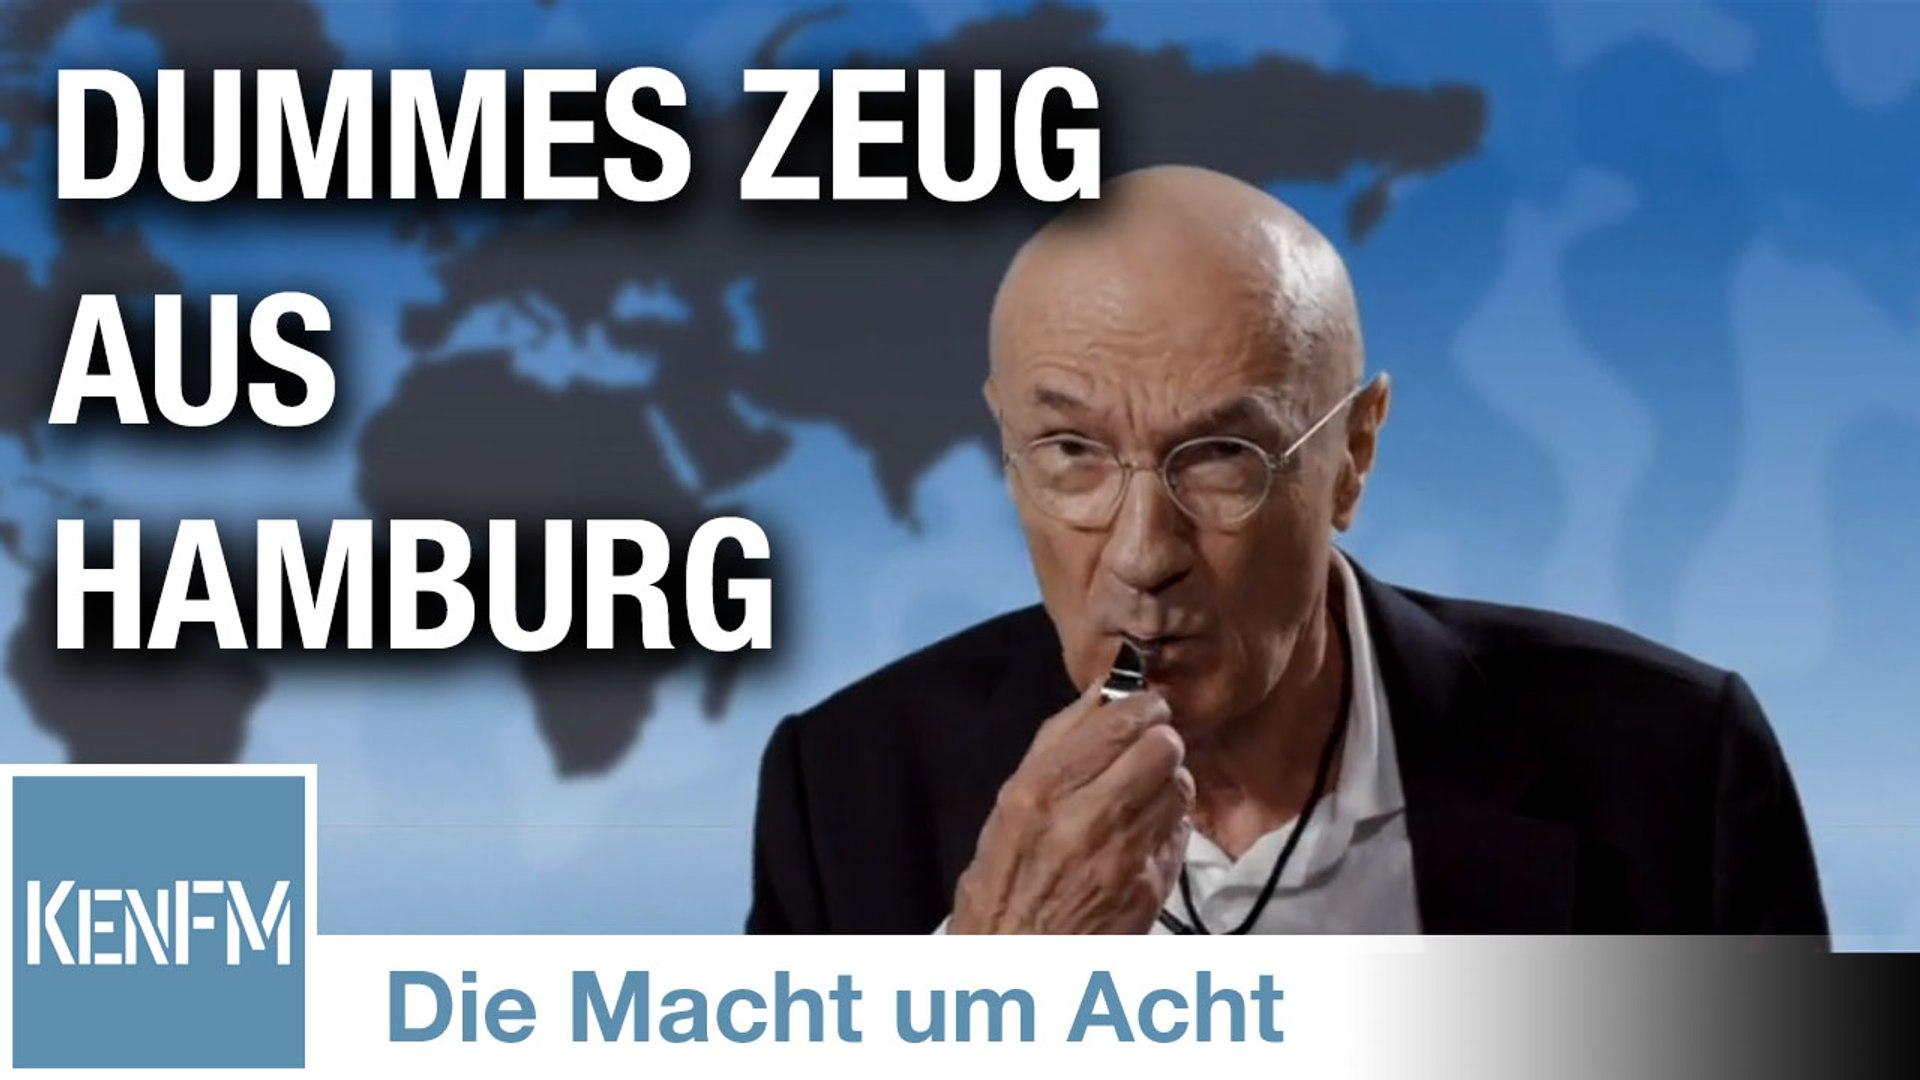 """Die Macht um Acht (64) """"Dummes Zeug aus Hamburg!"""""""